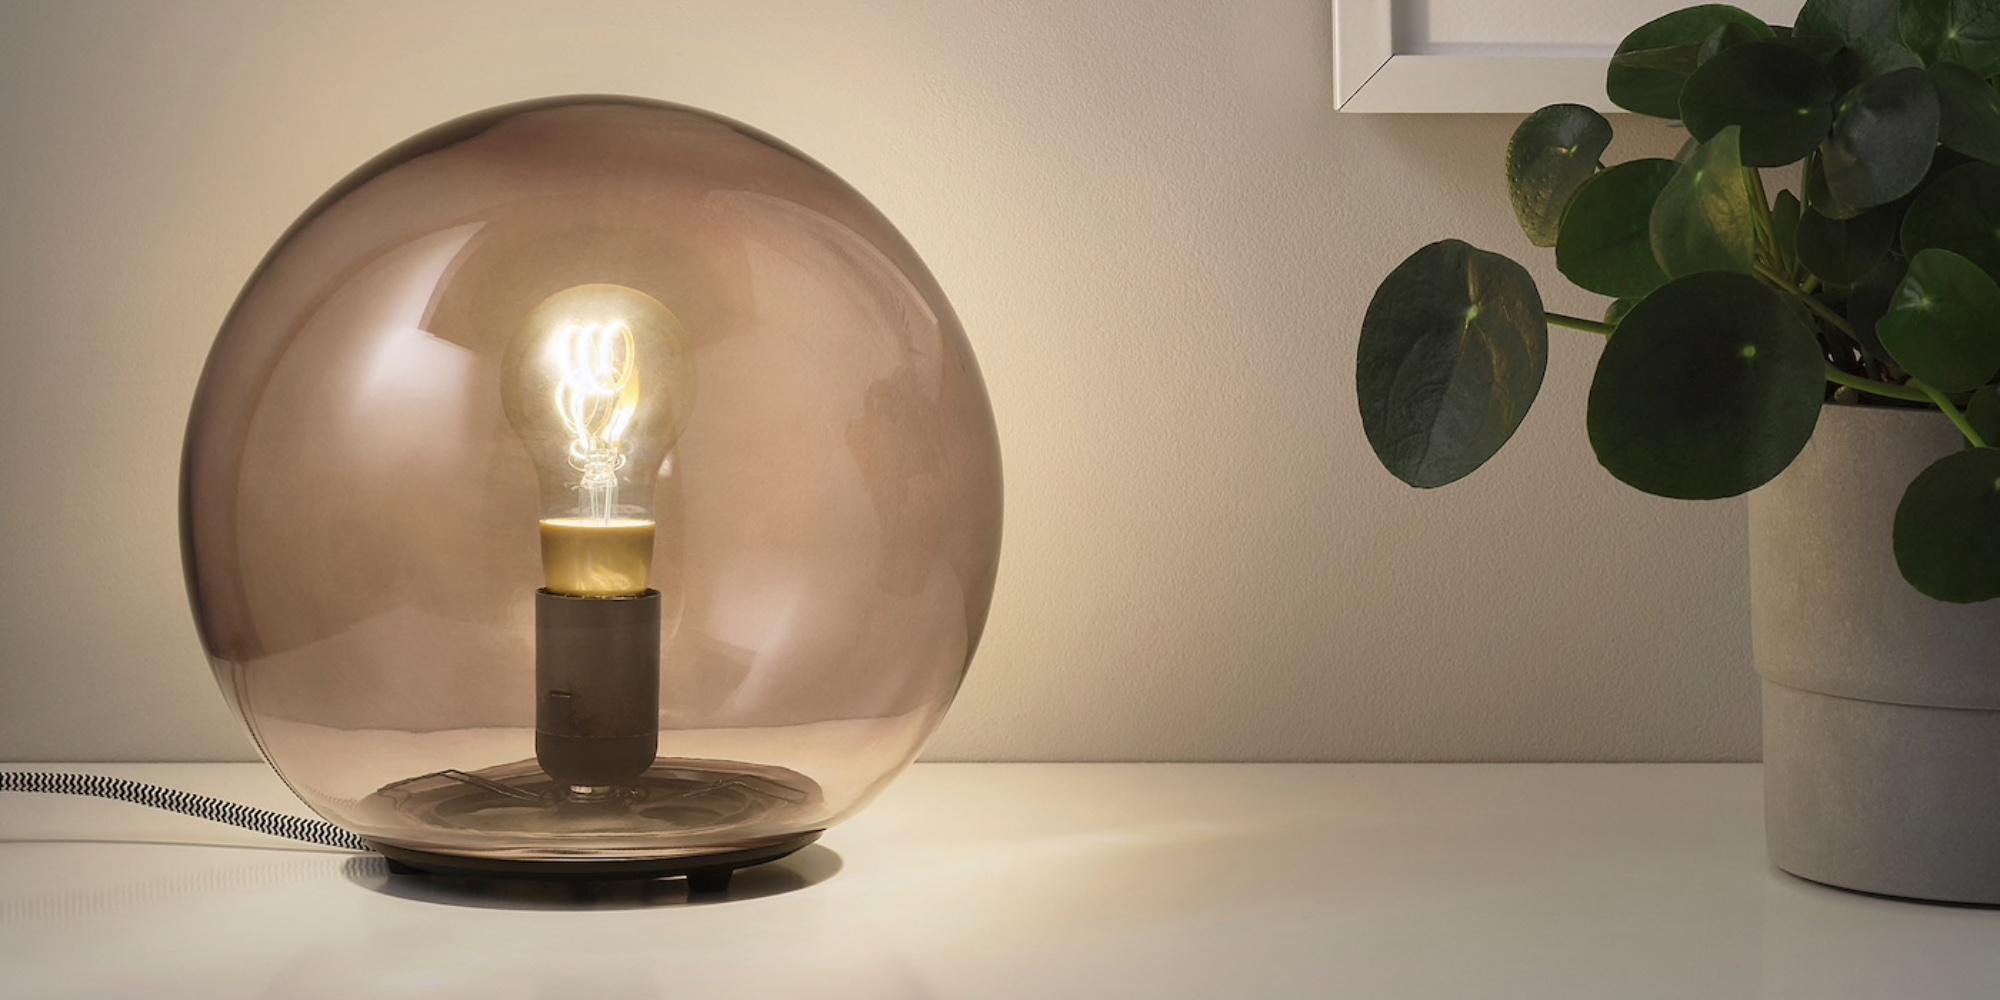 IKEA představila novou chytrou žárovku za 9,99 dolarů